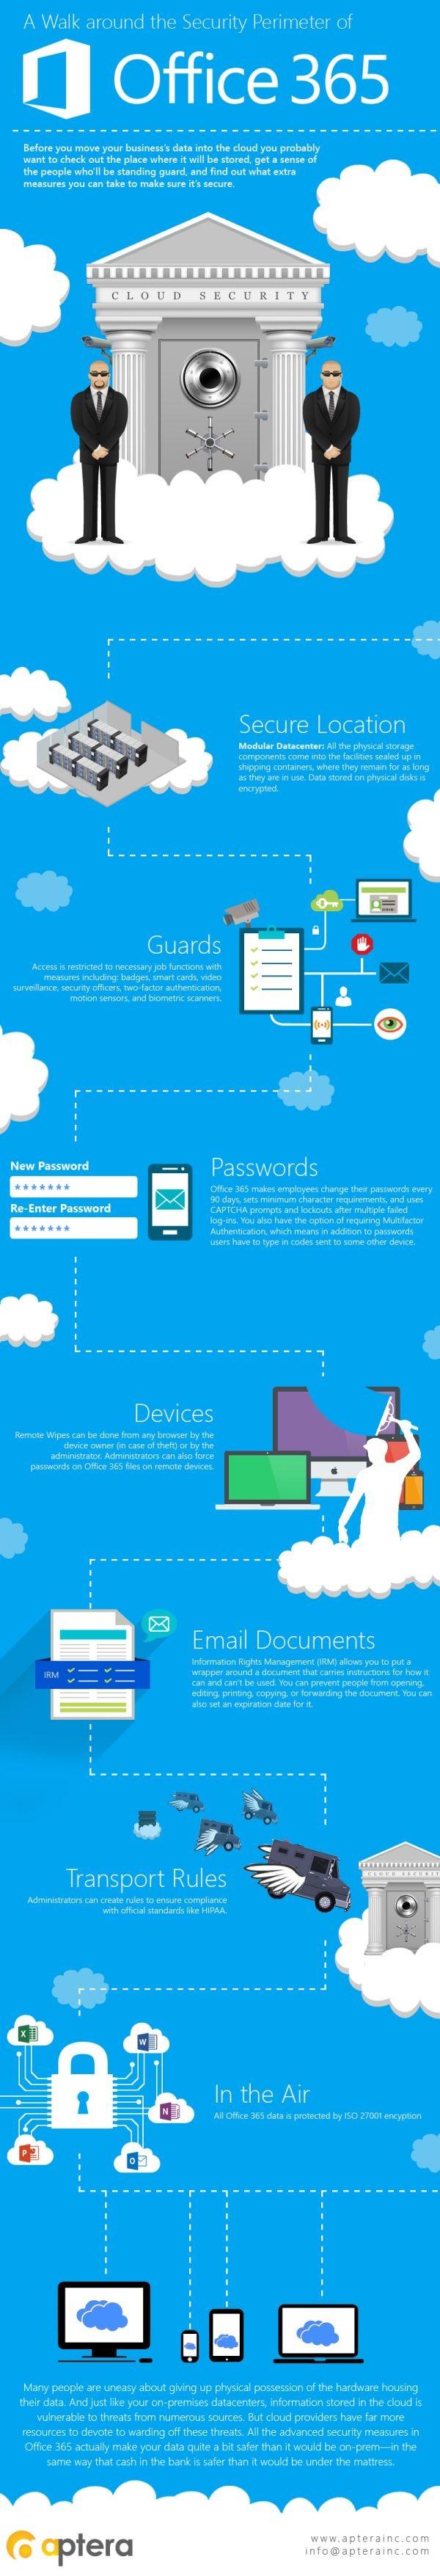 Imprimir Calendario En Outlook Más Recientes Mejores 22 Imágenes De Microsoft and Fice 365 En Pinterest Of Imprimir Calendario En Outlook Mejores Y Más Novedosos A Los Ni±os Con Dificultades En La Lectoescritura Les Cuesta